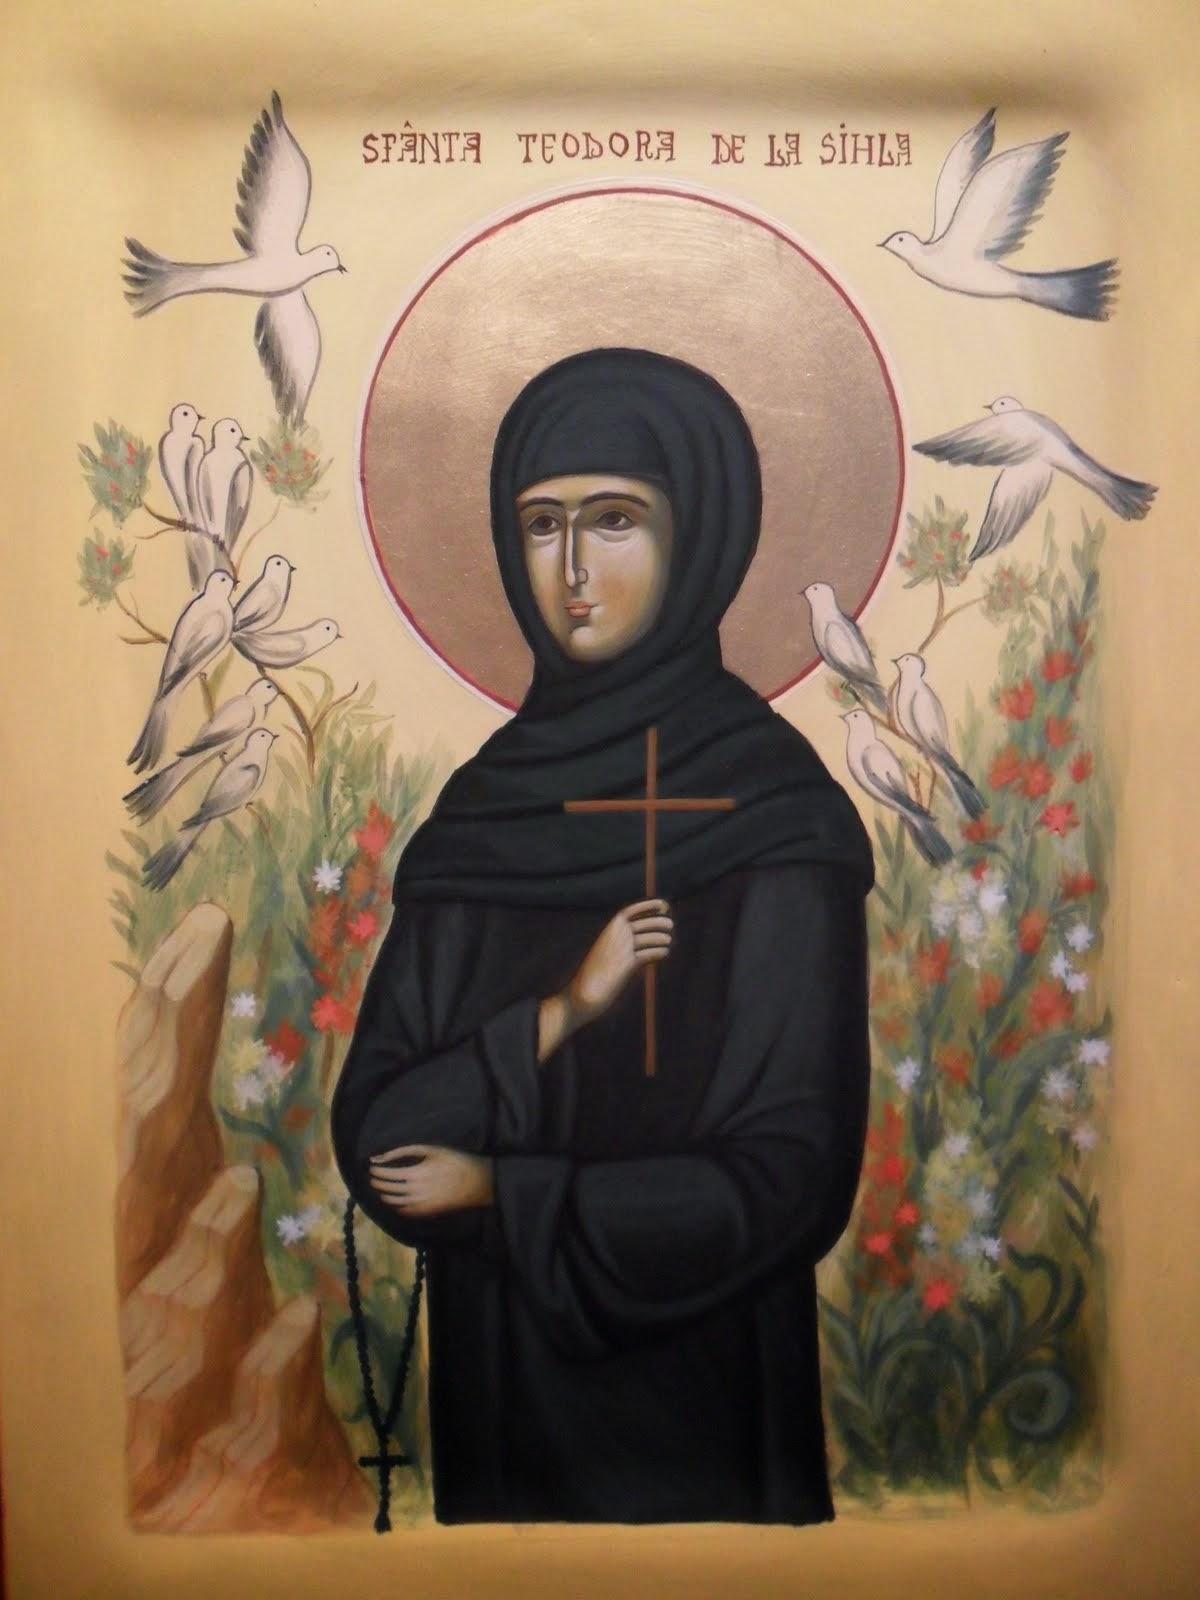 Azi 7 august praznuirea Sfintei Teodora de la Sihla !